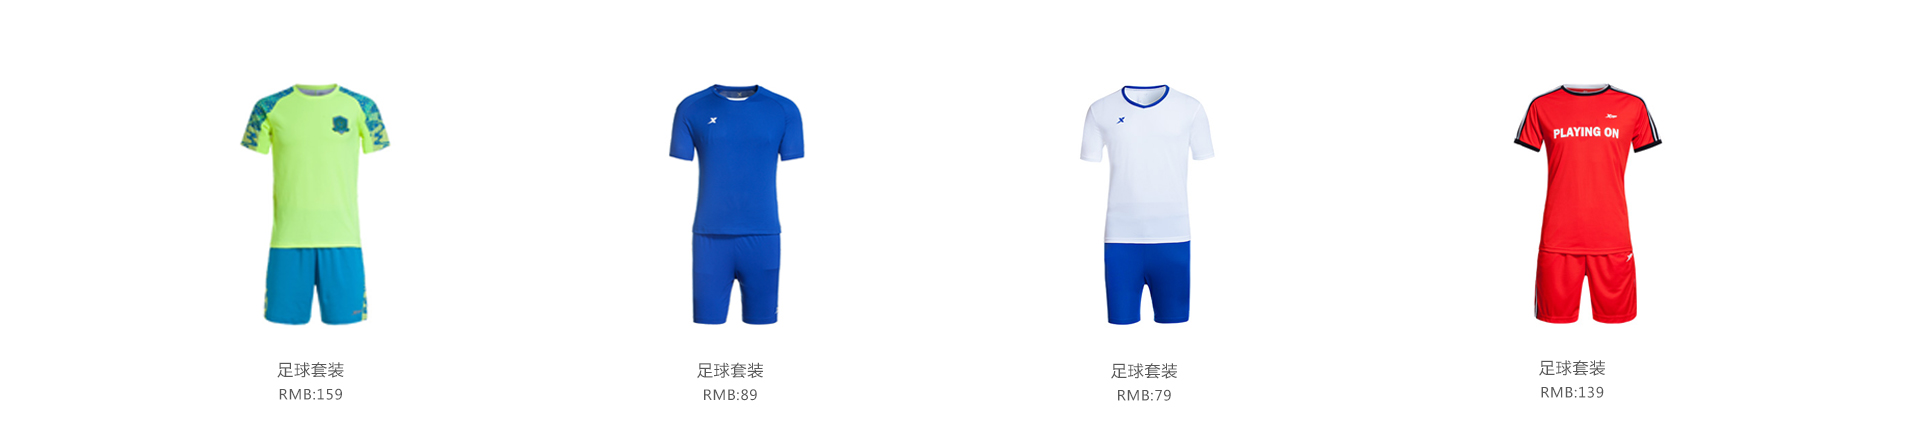 特步足球服